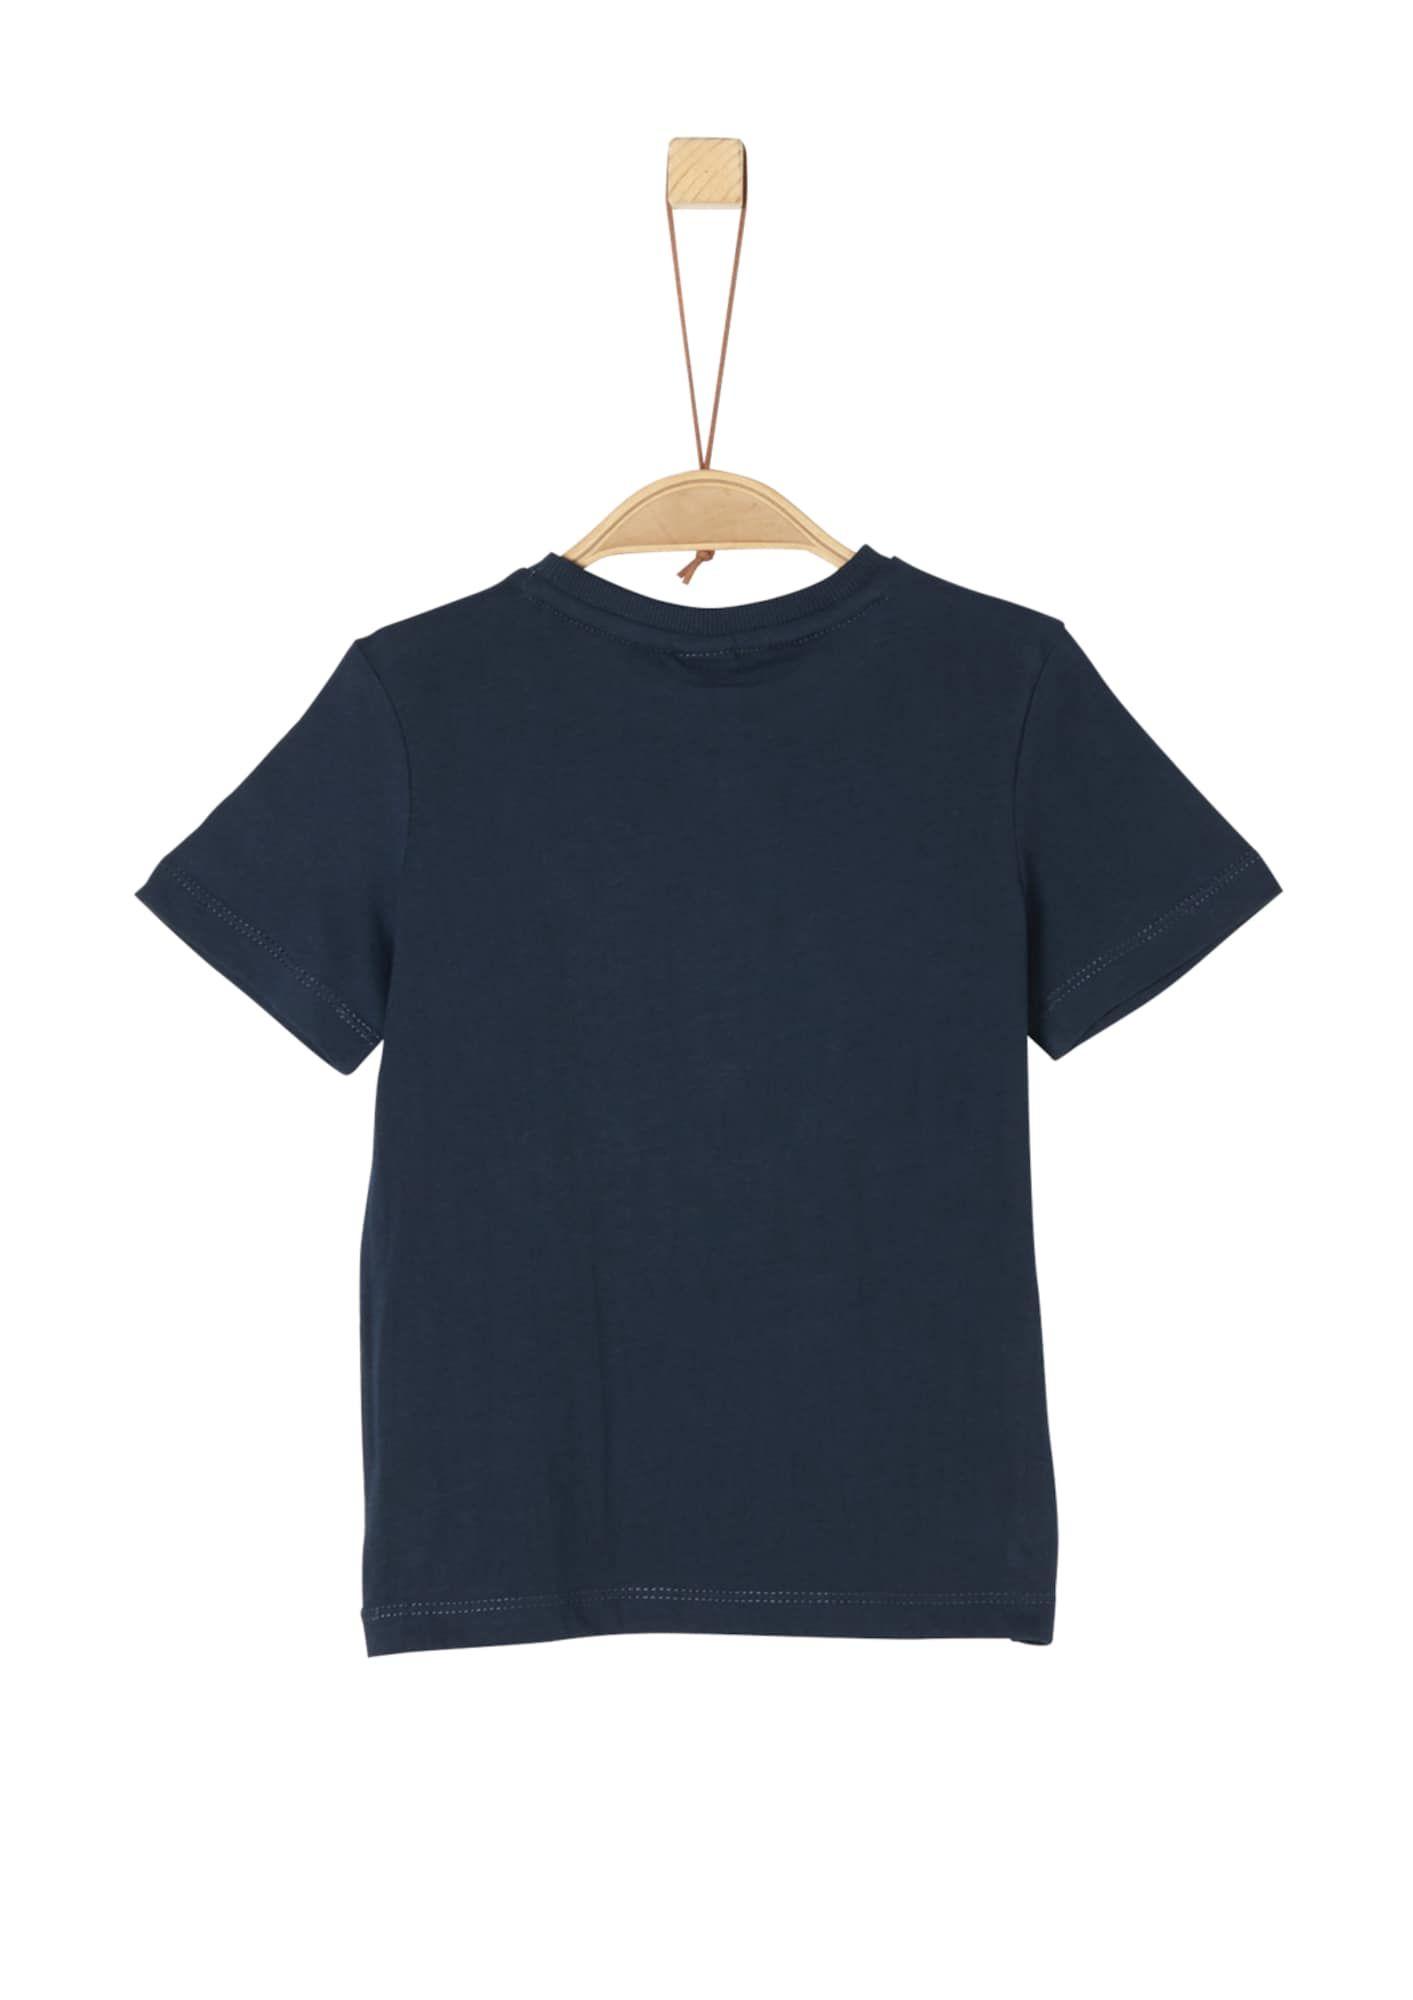 S Oliver Junior T Shirt Jungen Nachtblau Mischfarben Grosse 140 Shirts Nachtblau